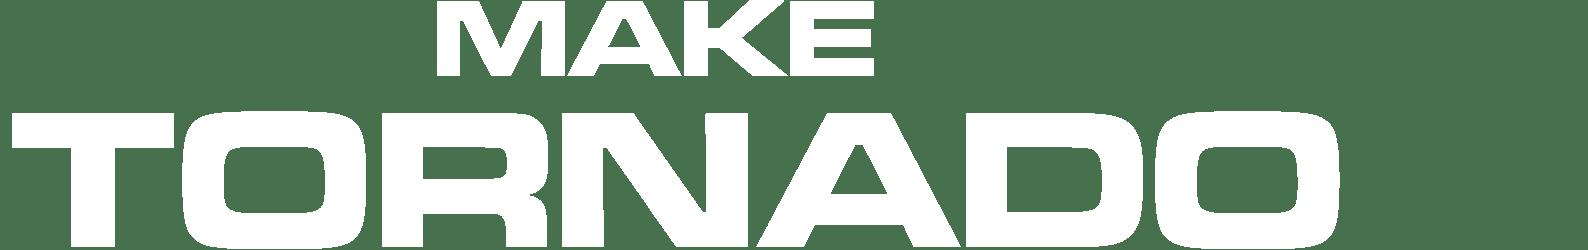 MakeTornado logo